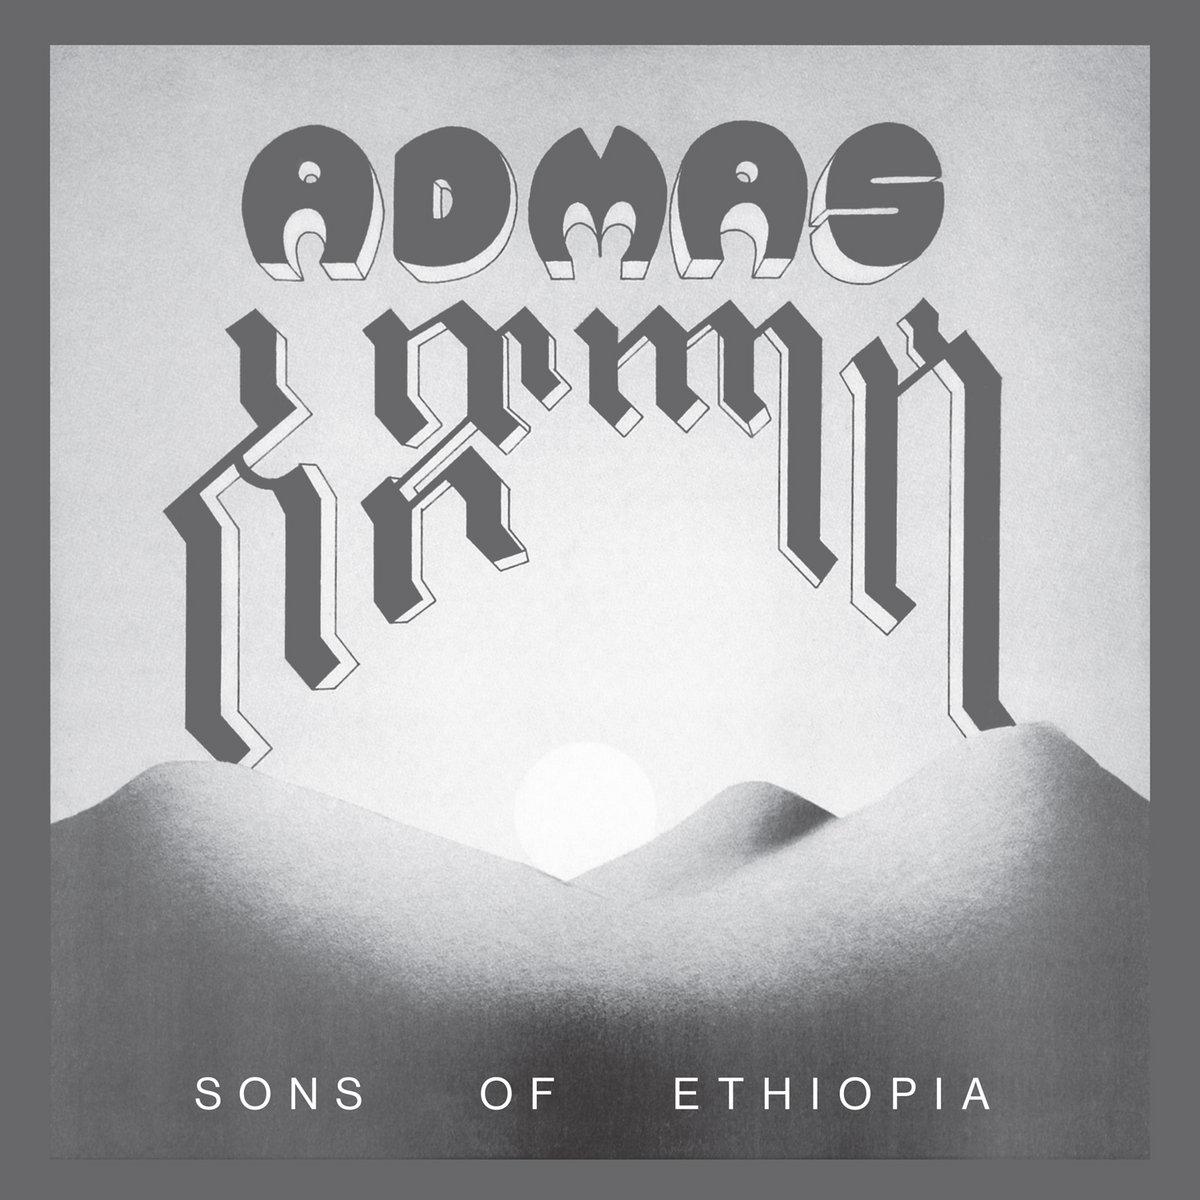 Admas - Sons of Ethiopia